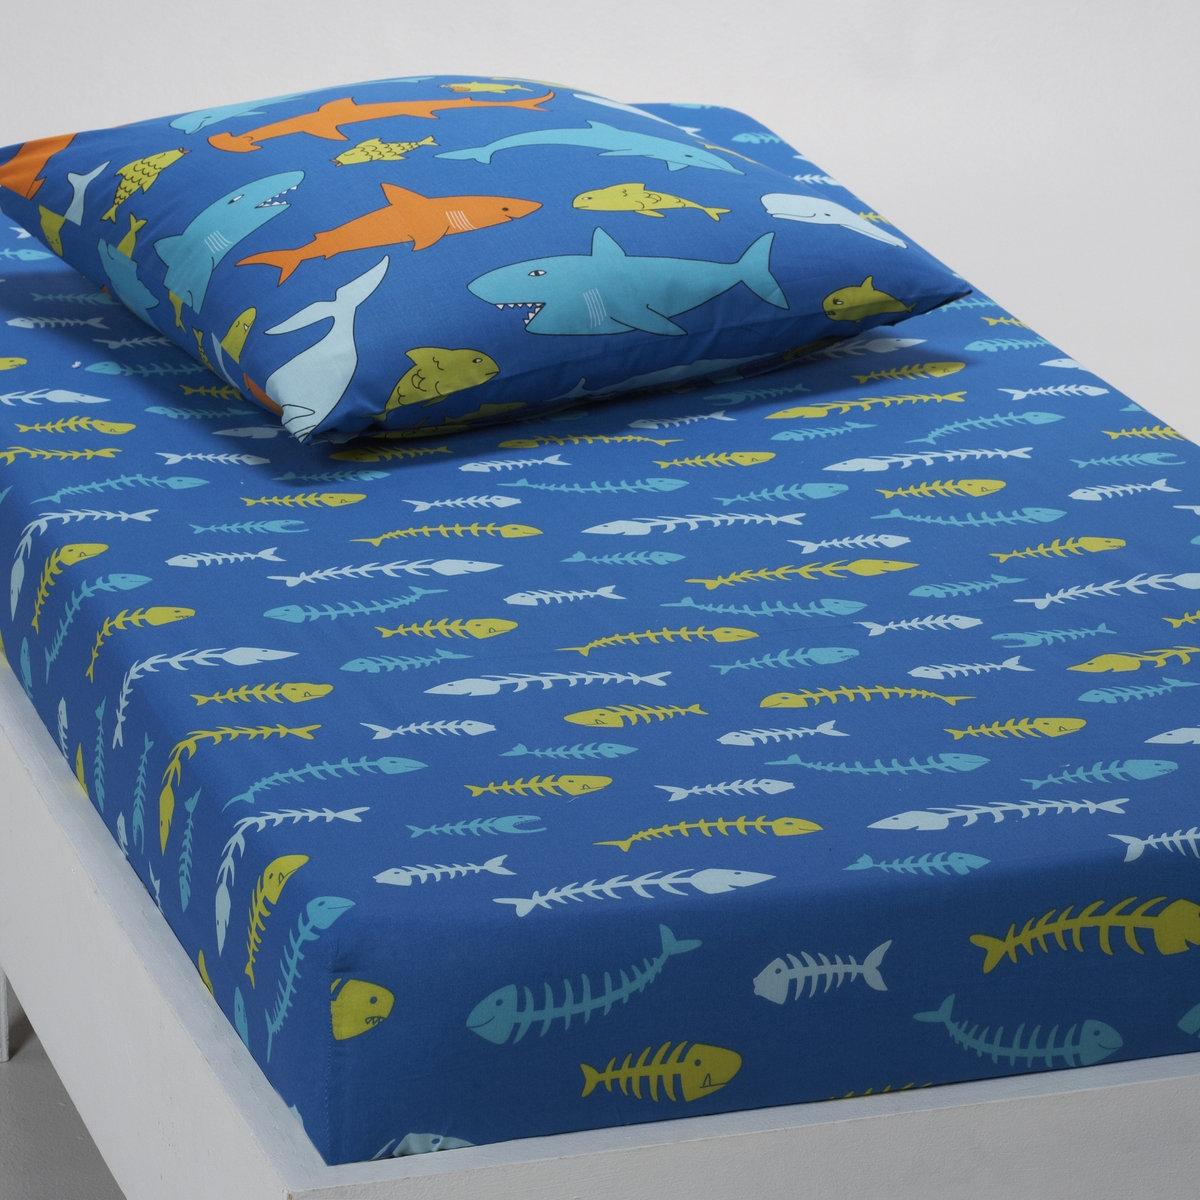 Натяжная простыняОписание:Рисунок рыбки..Характеристики:100% хлопка, 52 нити/см?. Стирка при 60°.<br><br>Цвет: синий